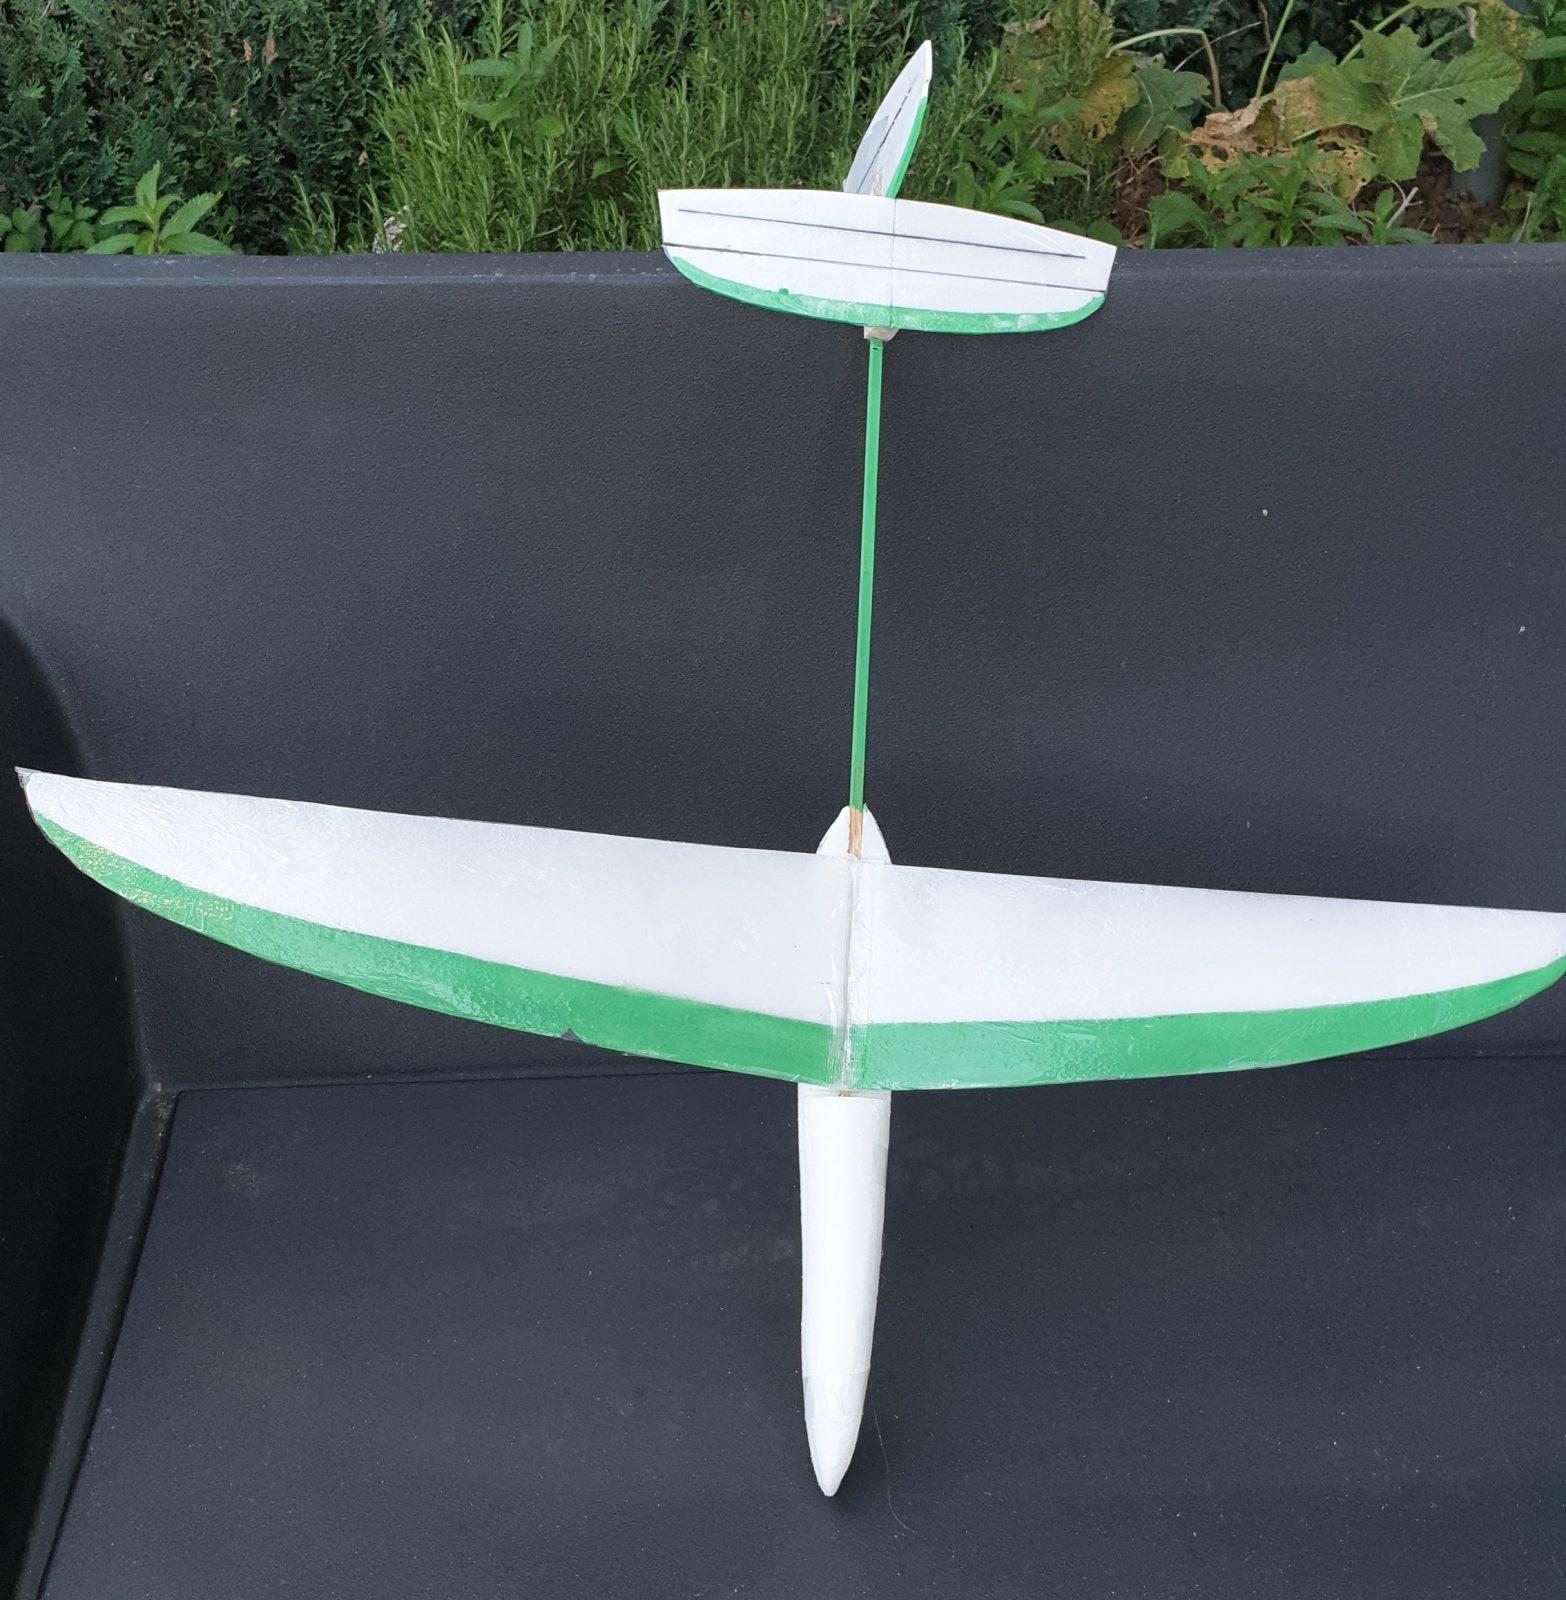 Suite et fin de la construction du planeur lancé-main, plan Lucas Leprêtre.